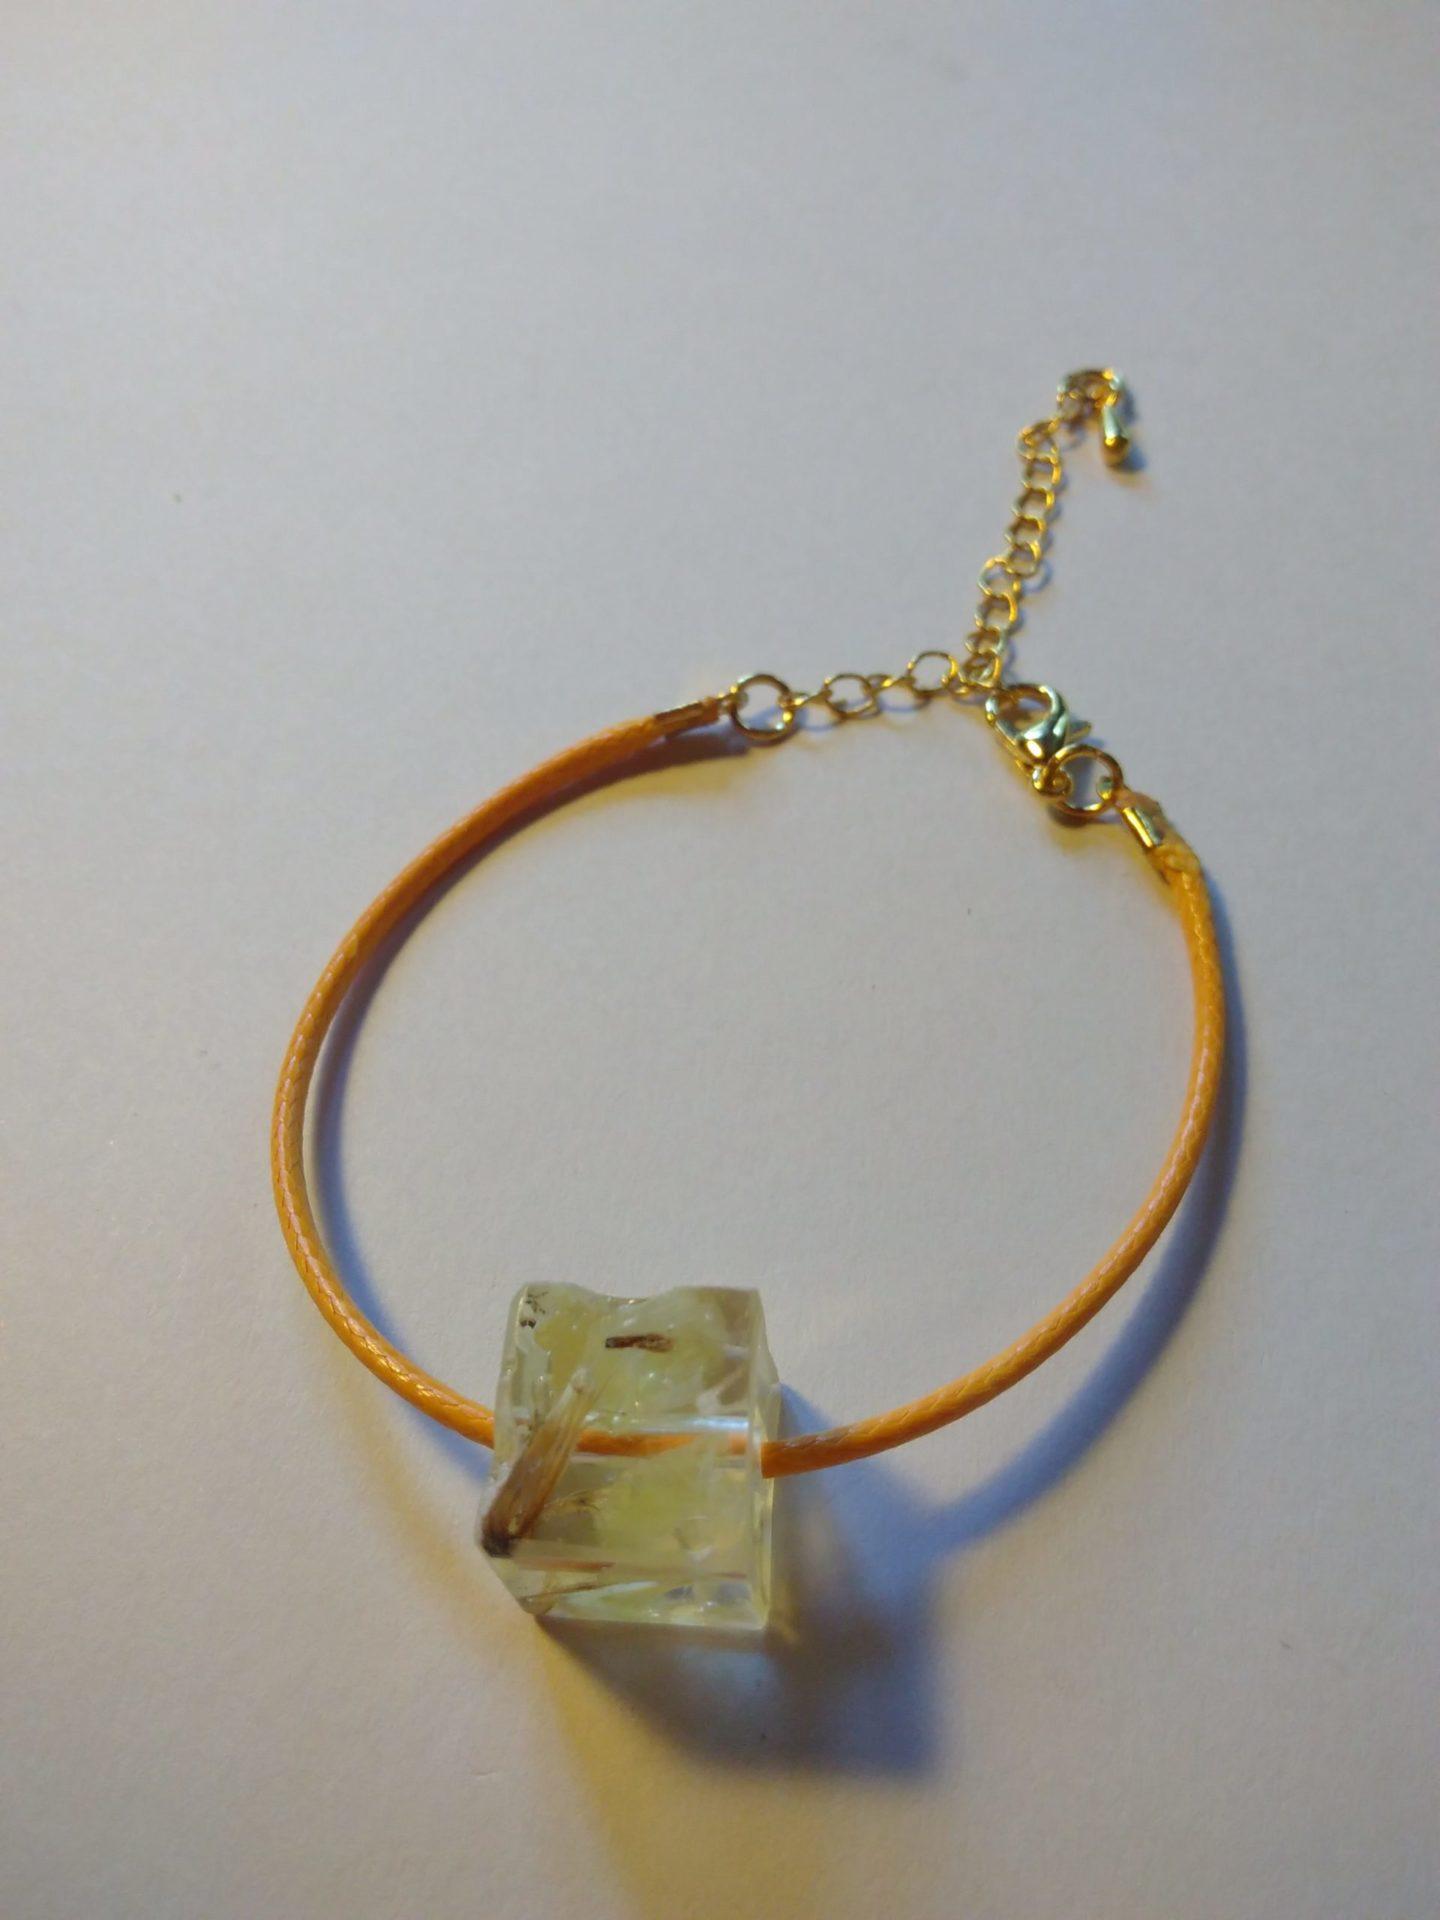 Bcf7 - 18€ - bracelet cube fleurs - Indisponible